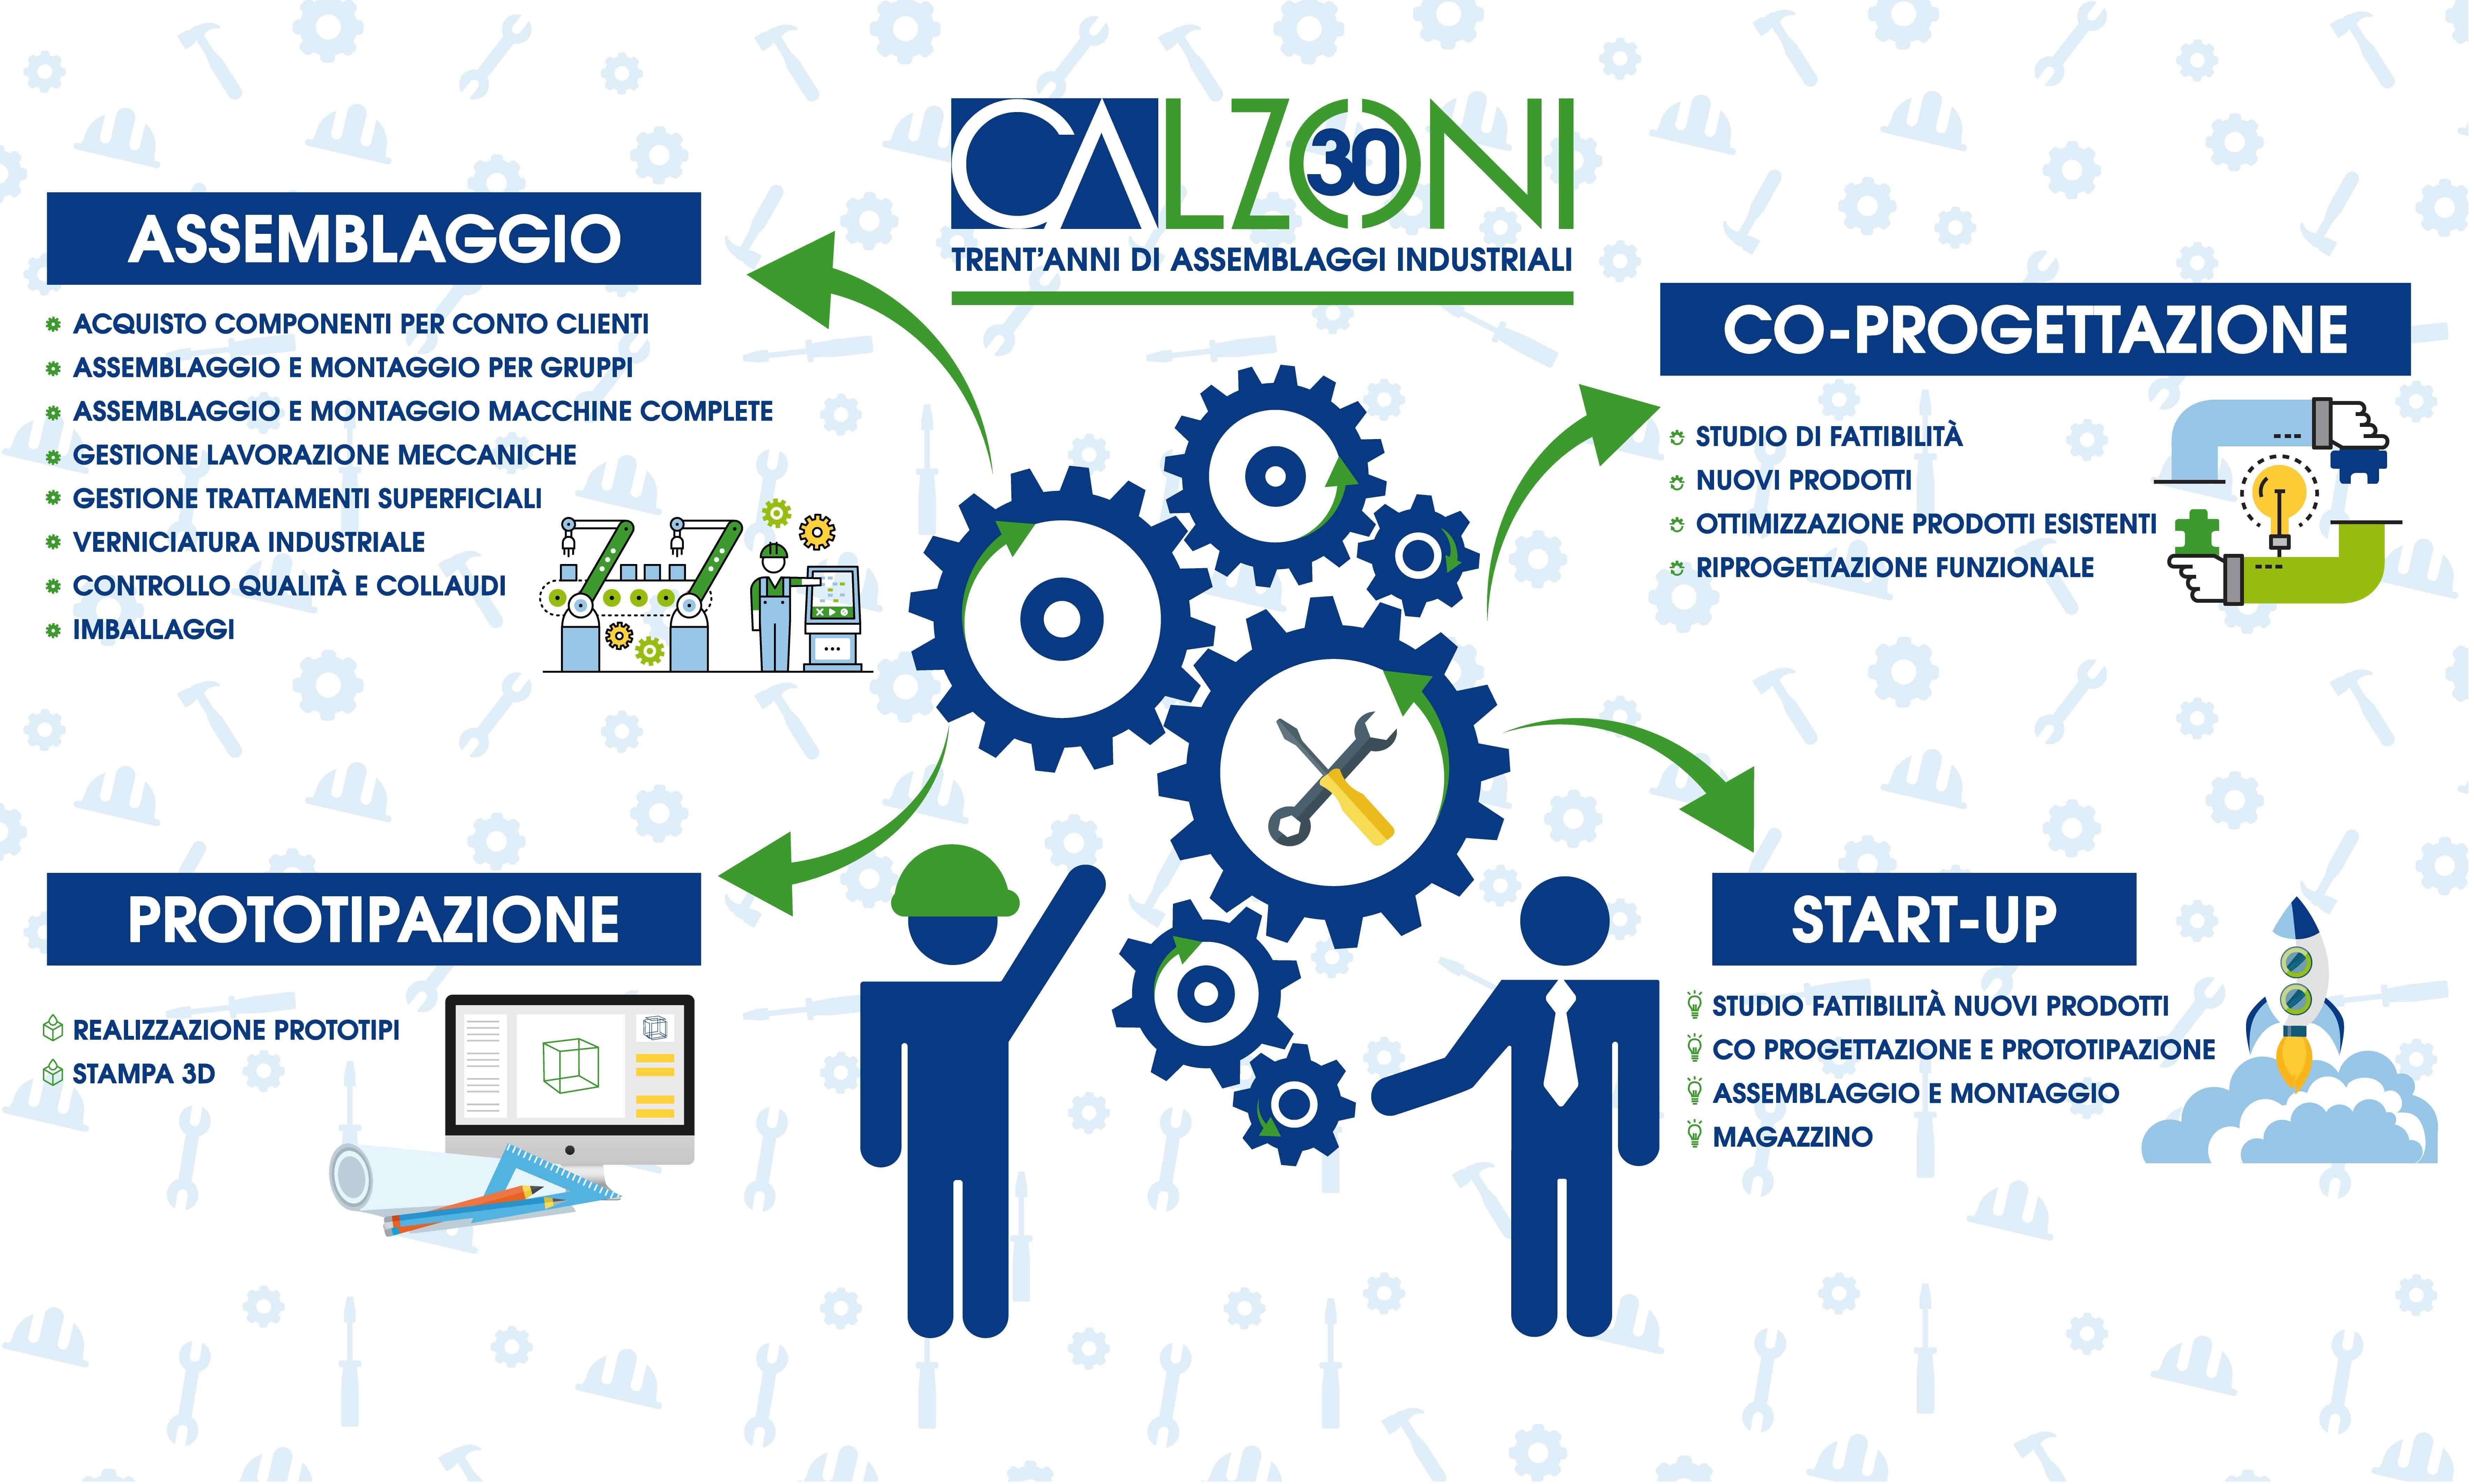 Infografica dei servizi di Calzoni Assemblaggi